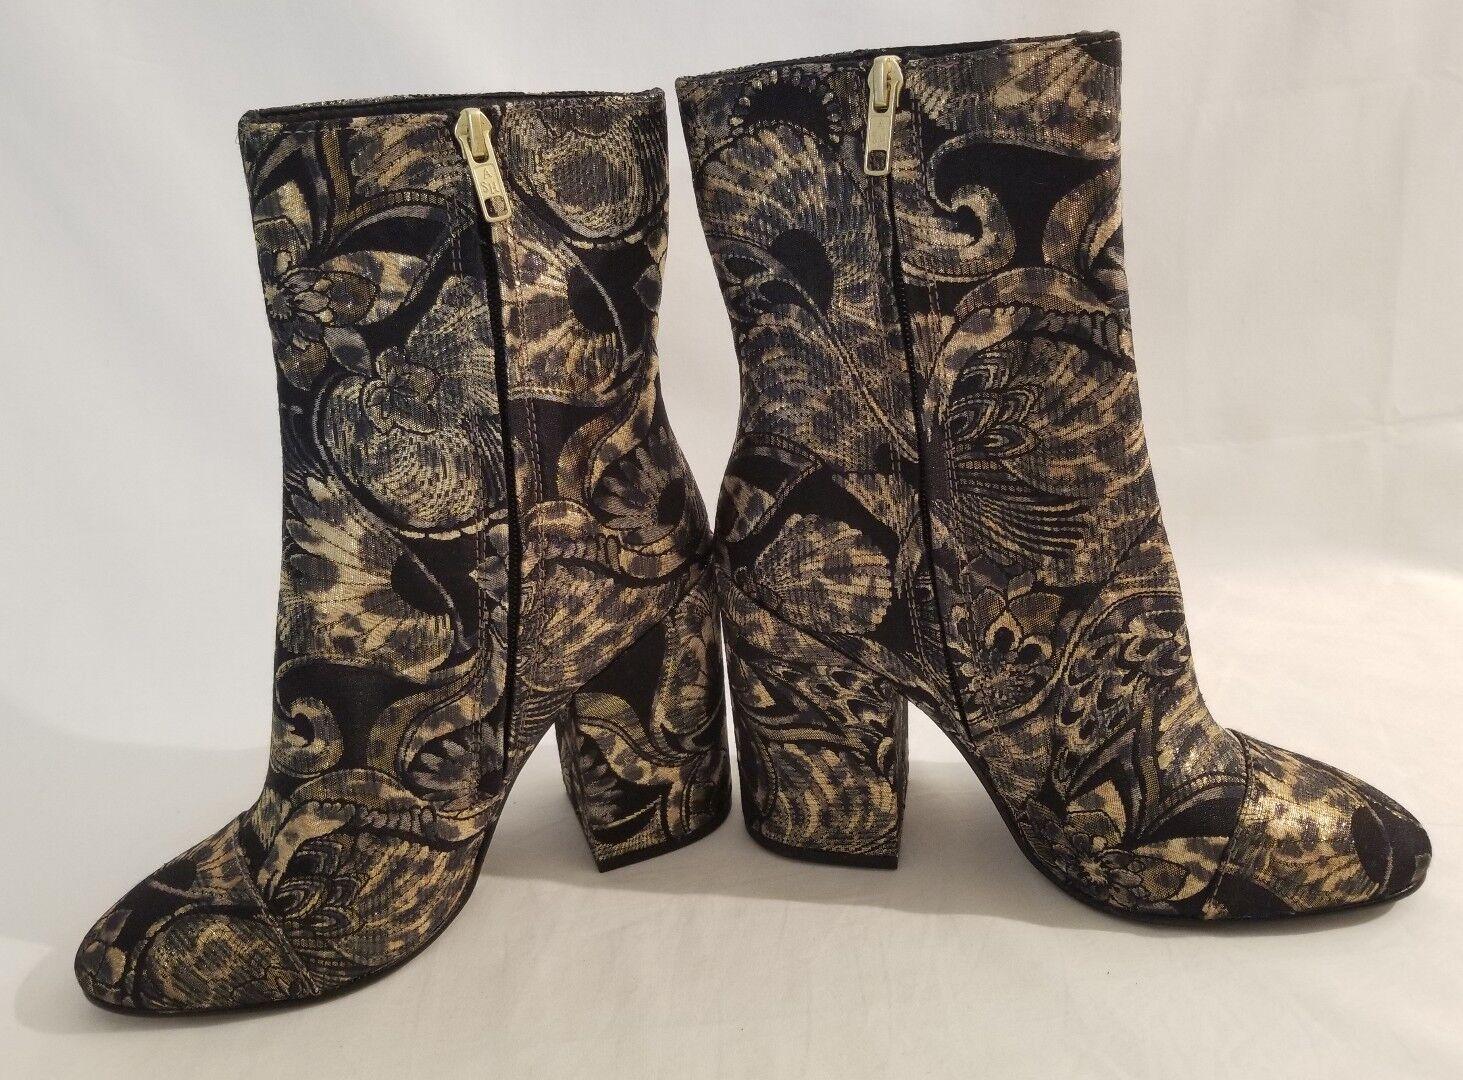 Ash Ash Ash Flora botas al tobillo Botines Tacón en relieve de oro negro mujer zapatos talla 39 Nuevo a48d67